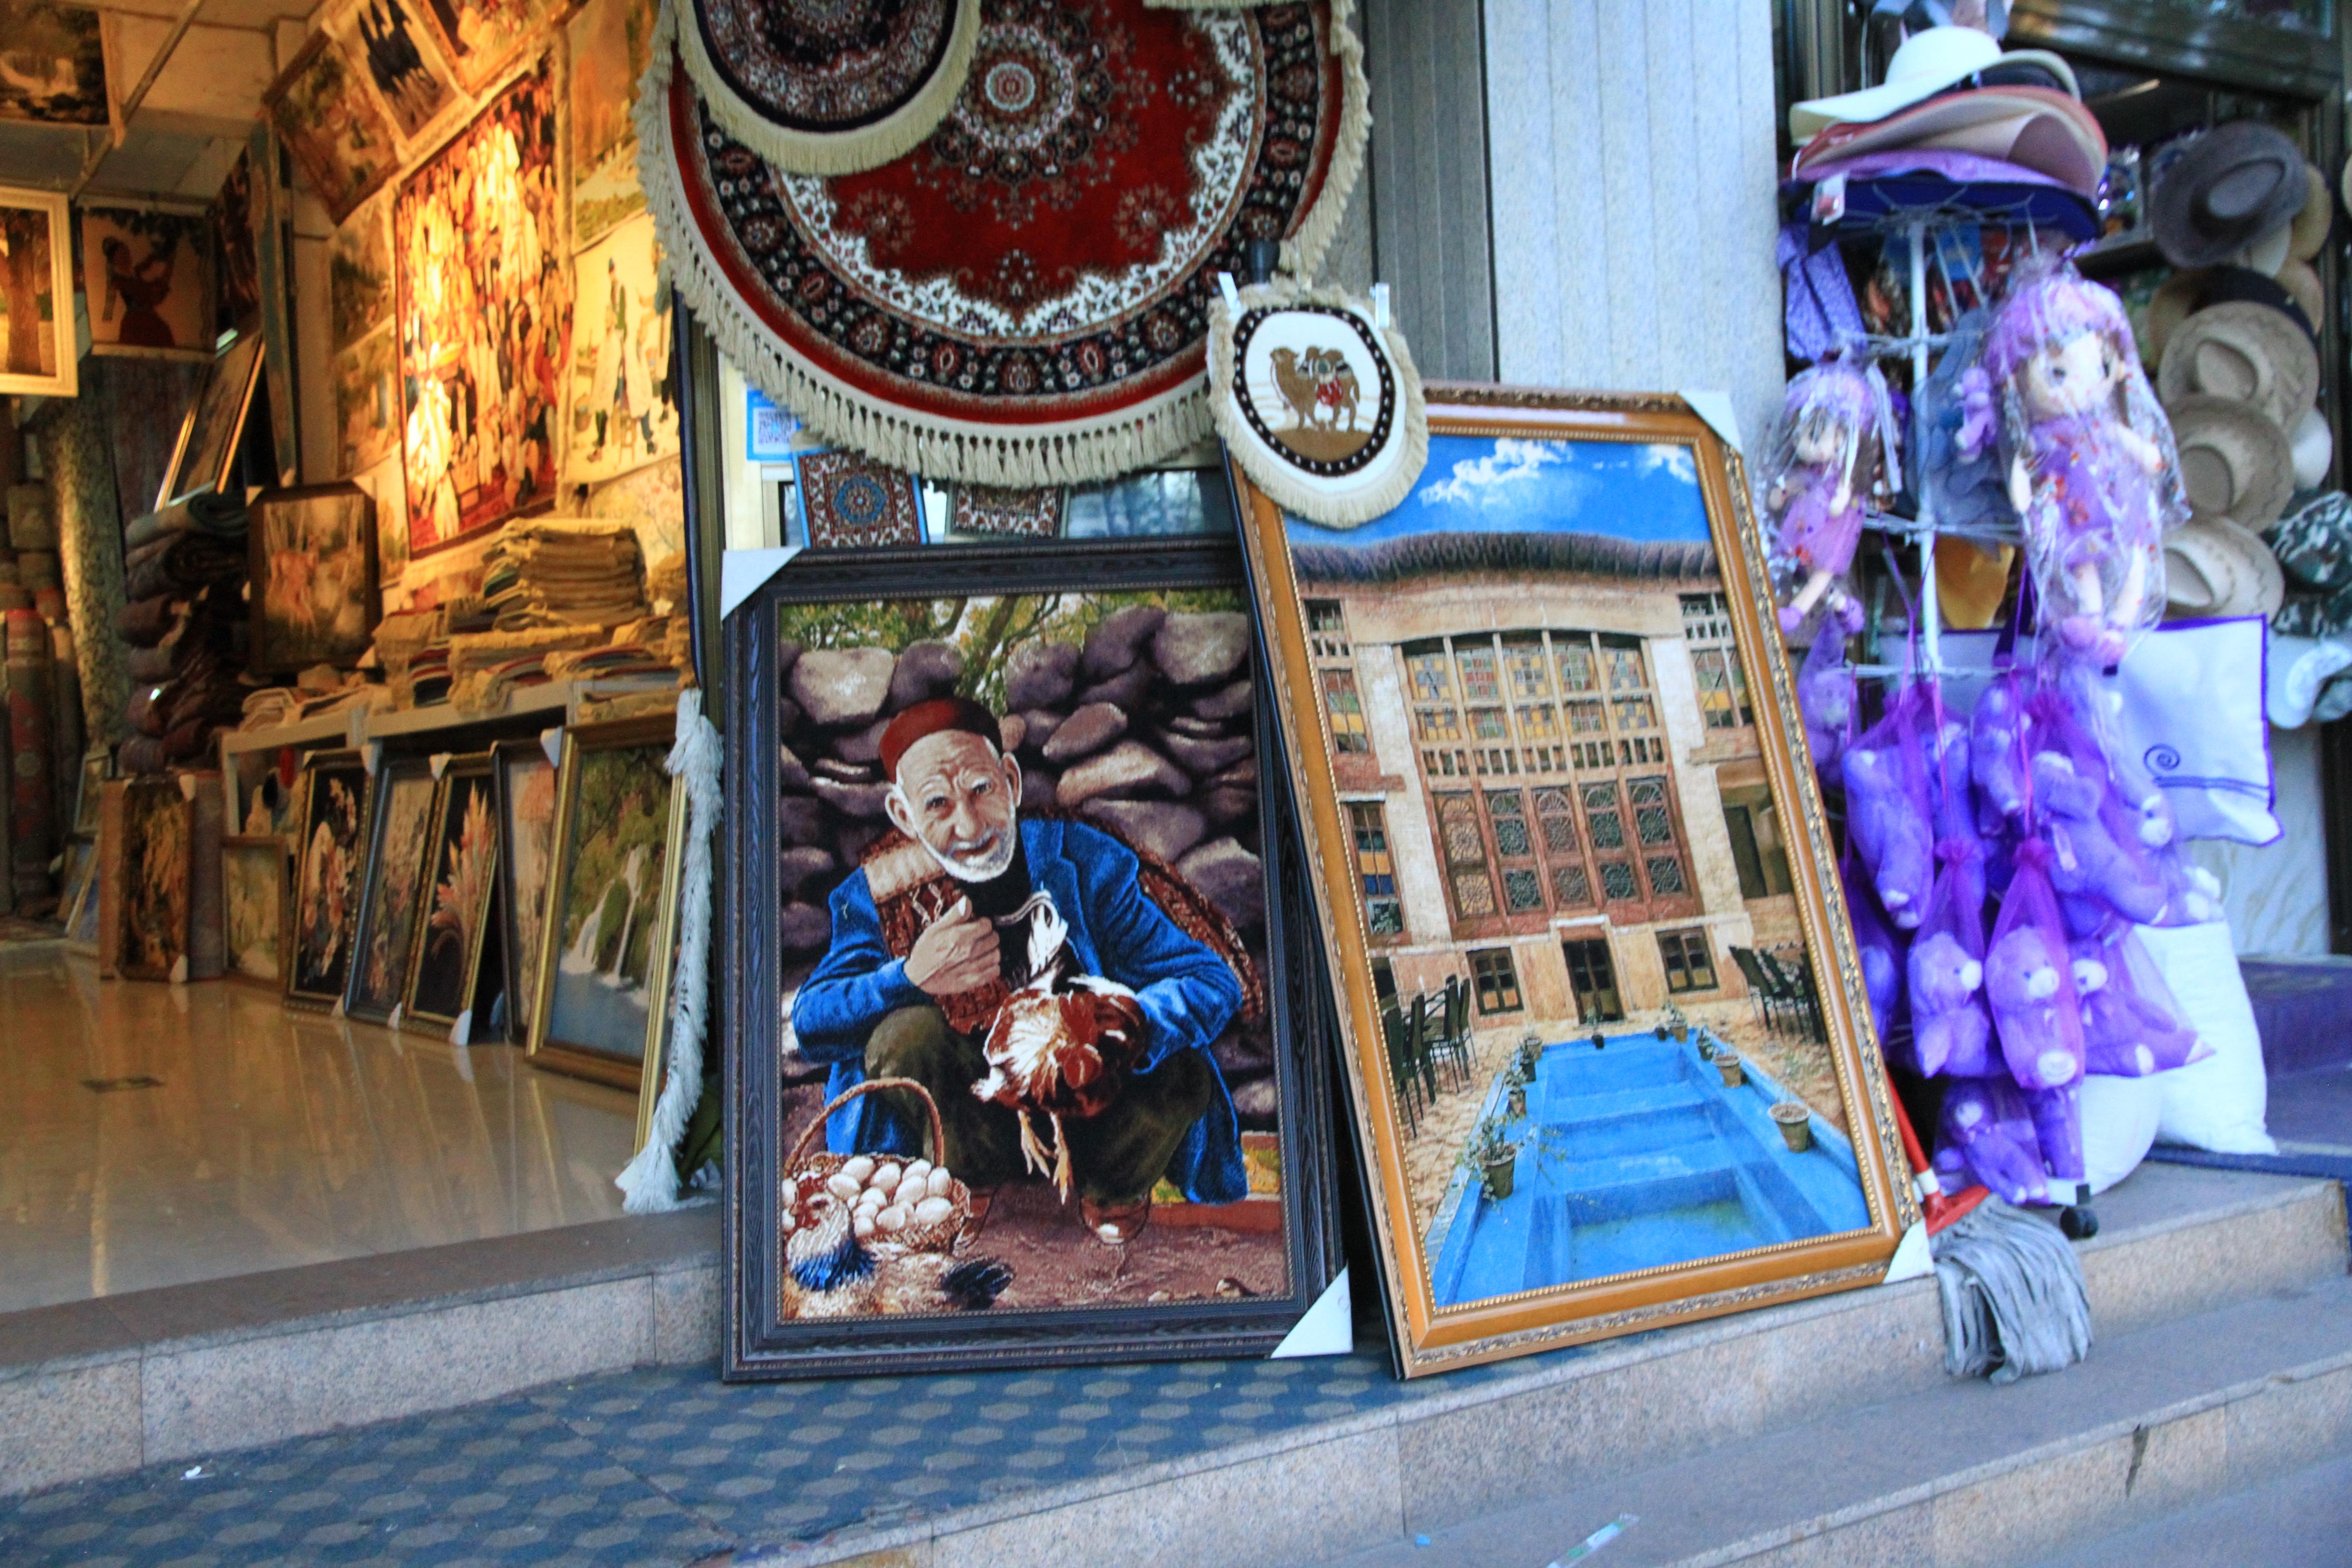 58、伊宁市区:售卖的手工挂毯